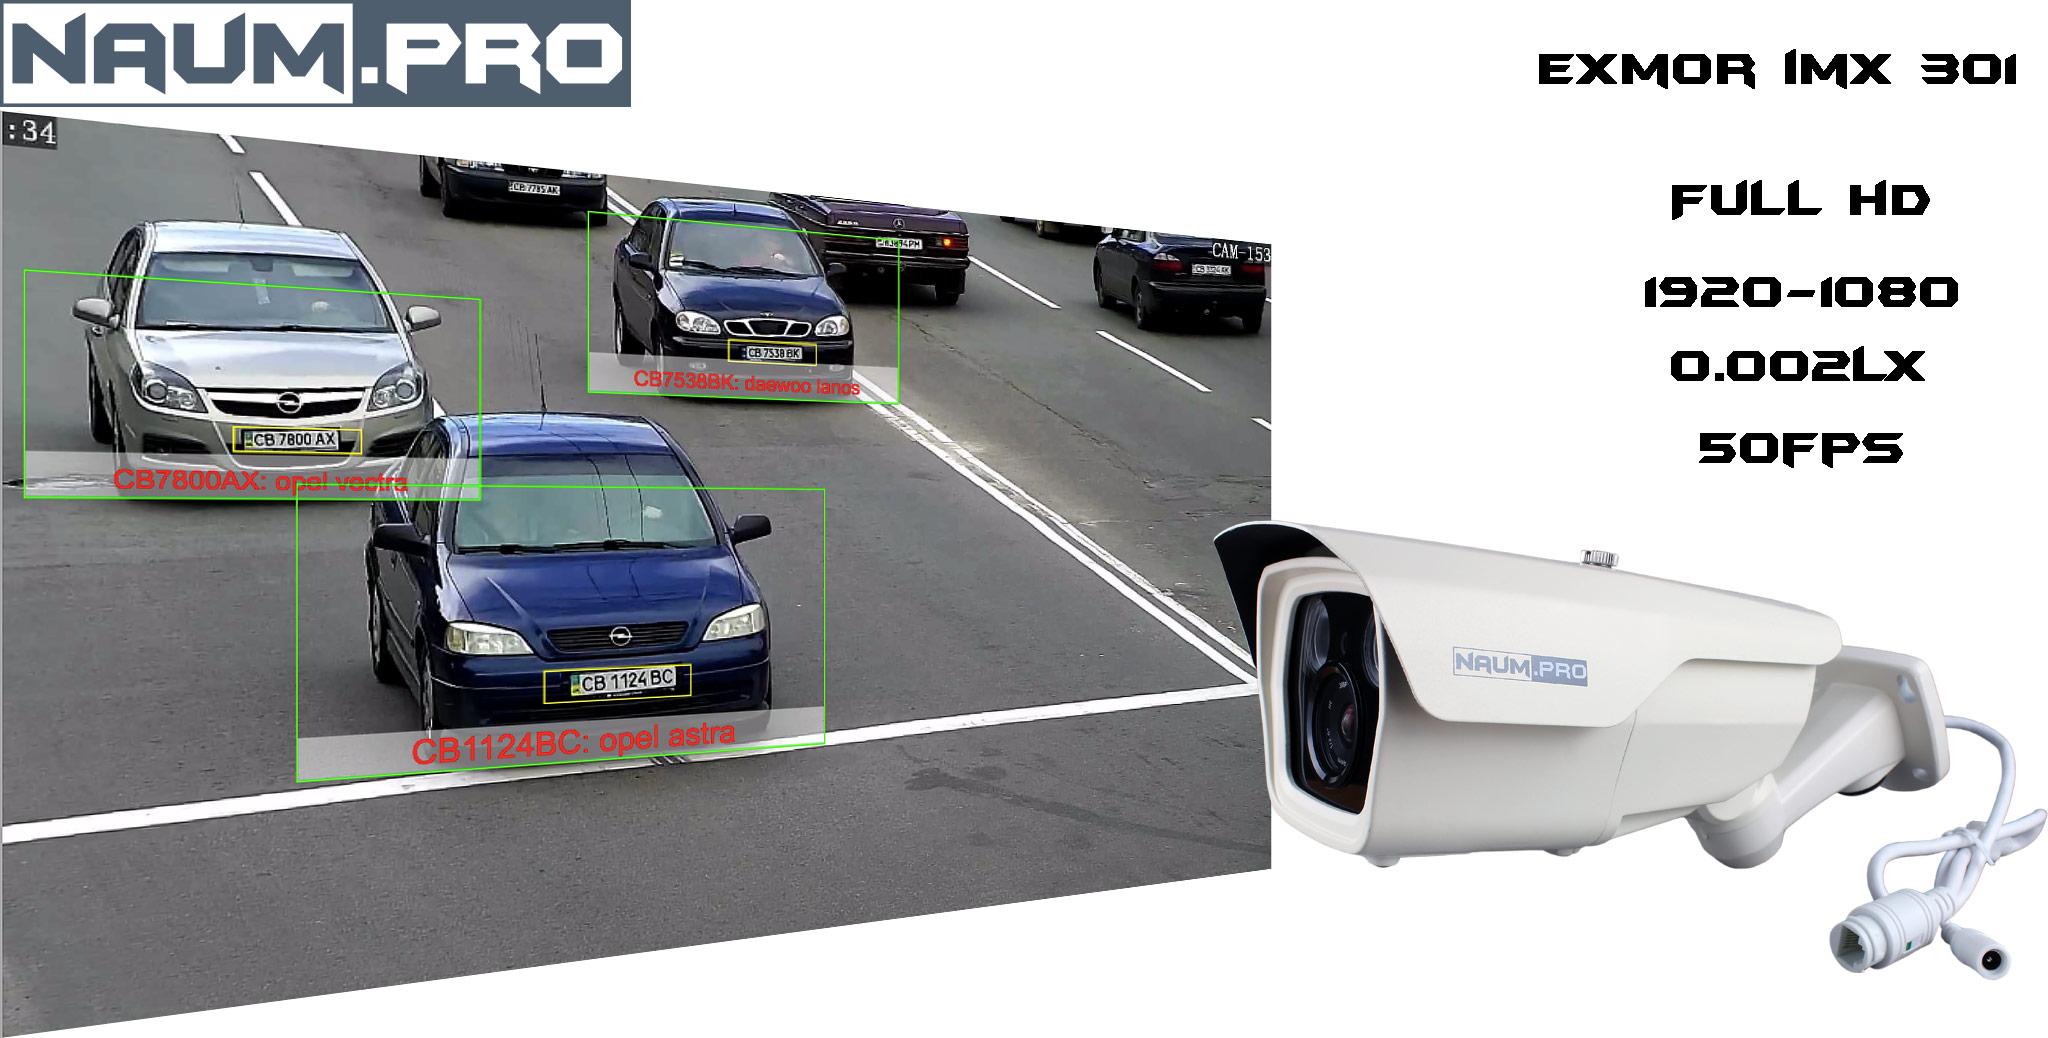 IP камера для детекции номеров автомобиля